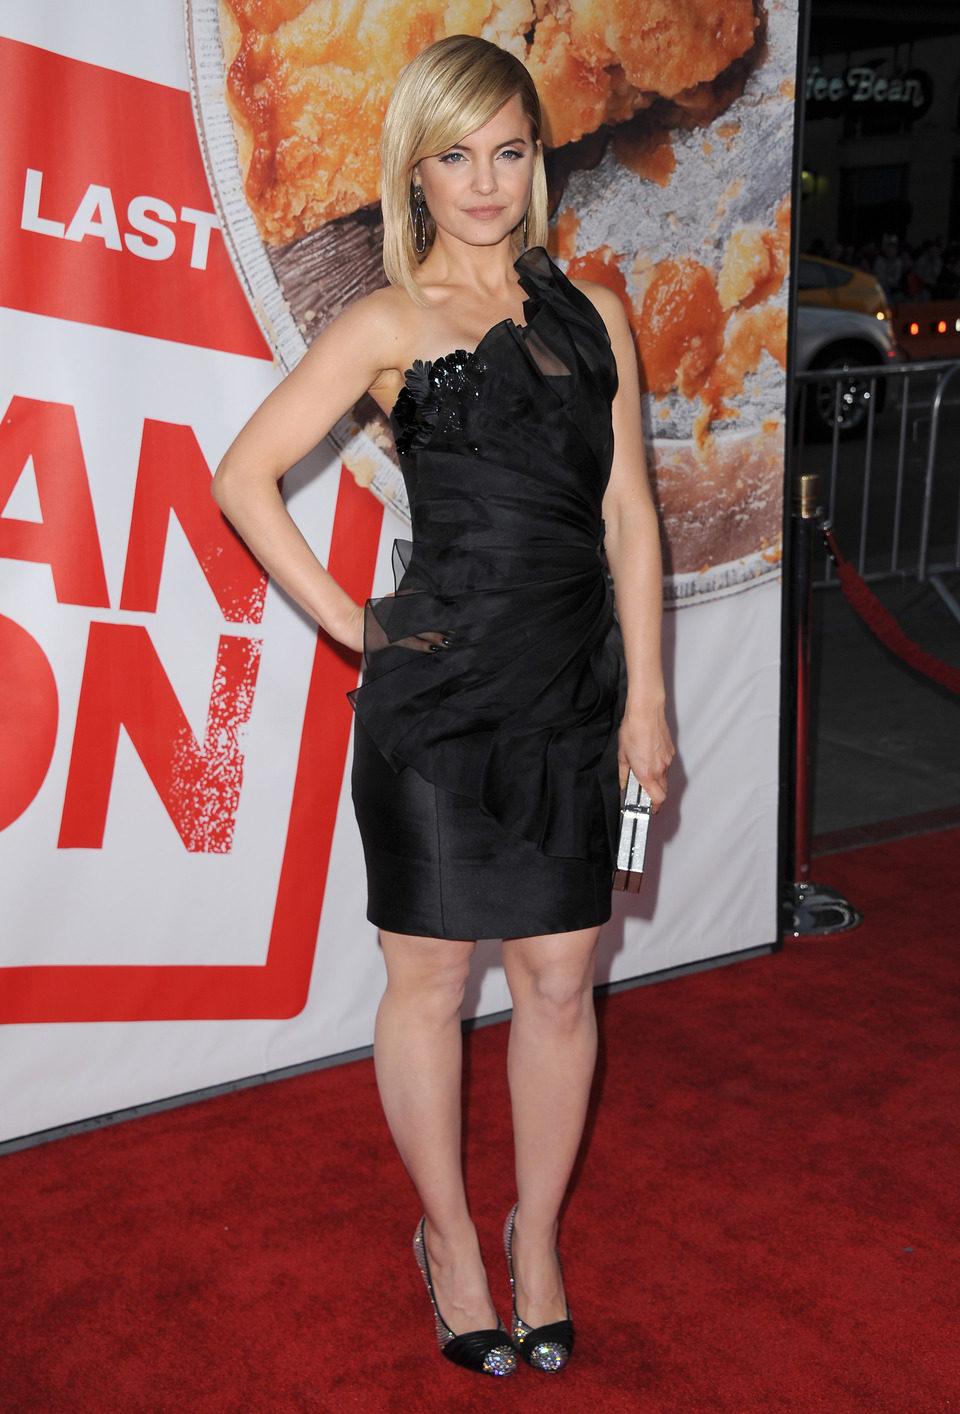 Mena Suvari en la premiére de 'American Pie: El reencuentro'